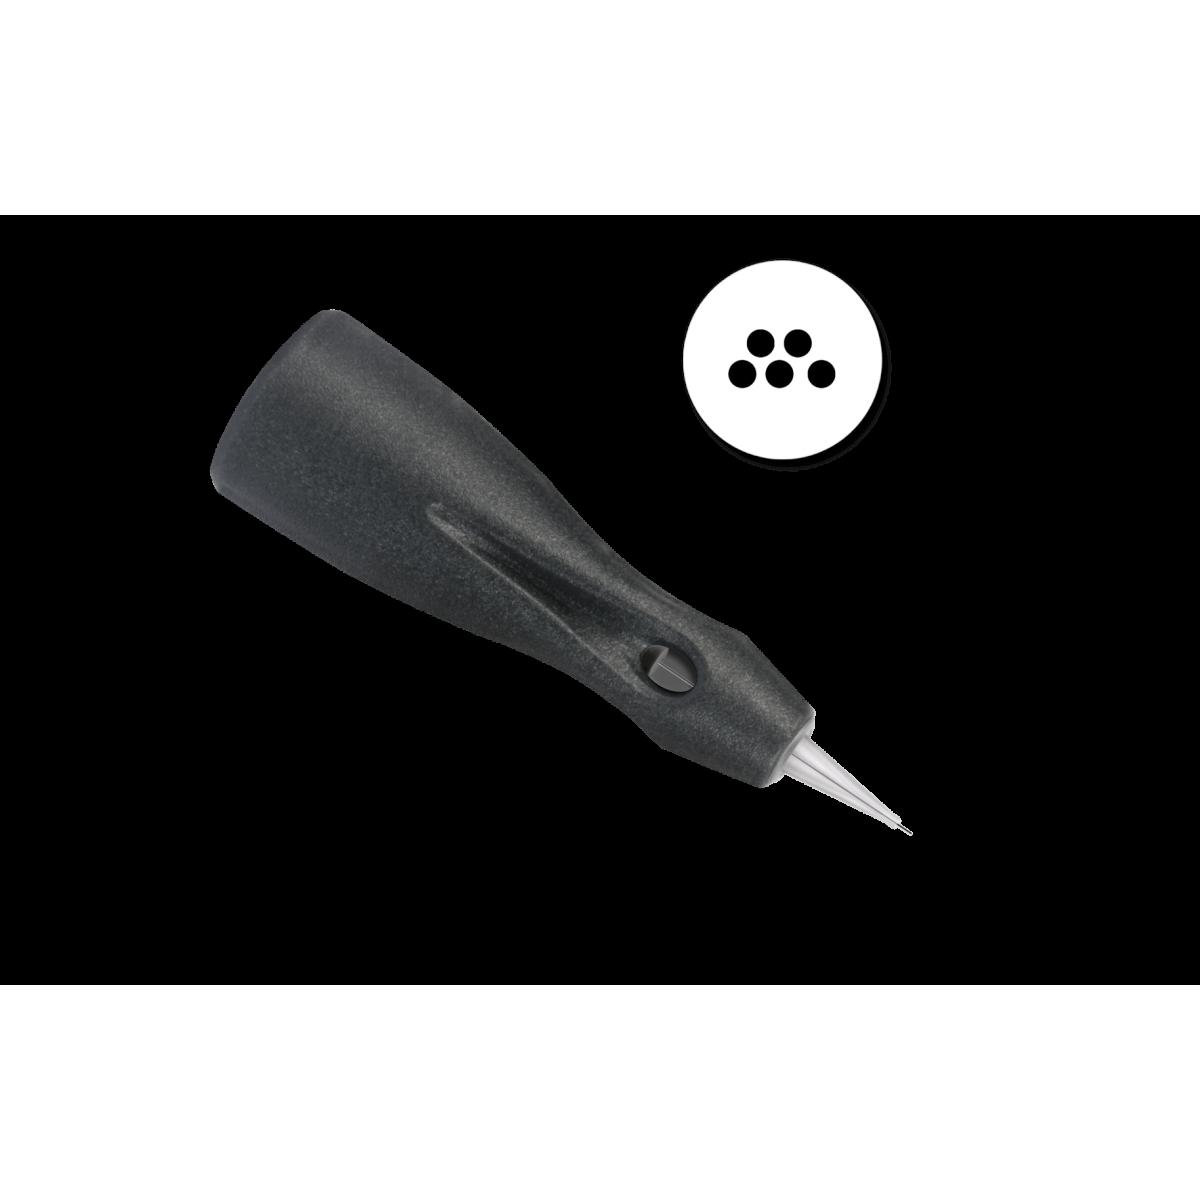 POUR EASY LINE - MODULE 5 MAGNUM (0,30 mm) EASY LINE AMIEA